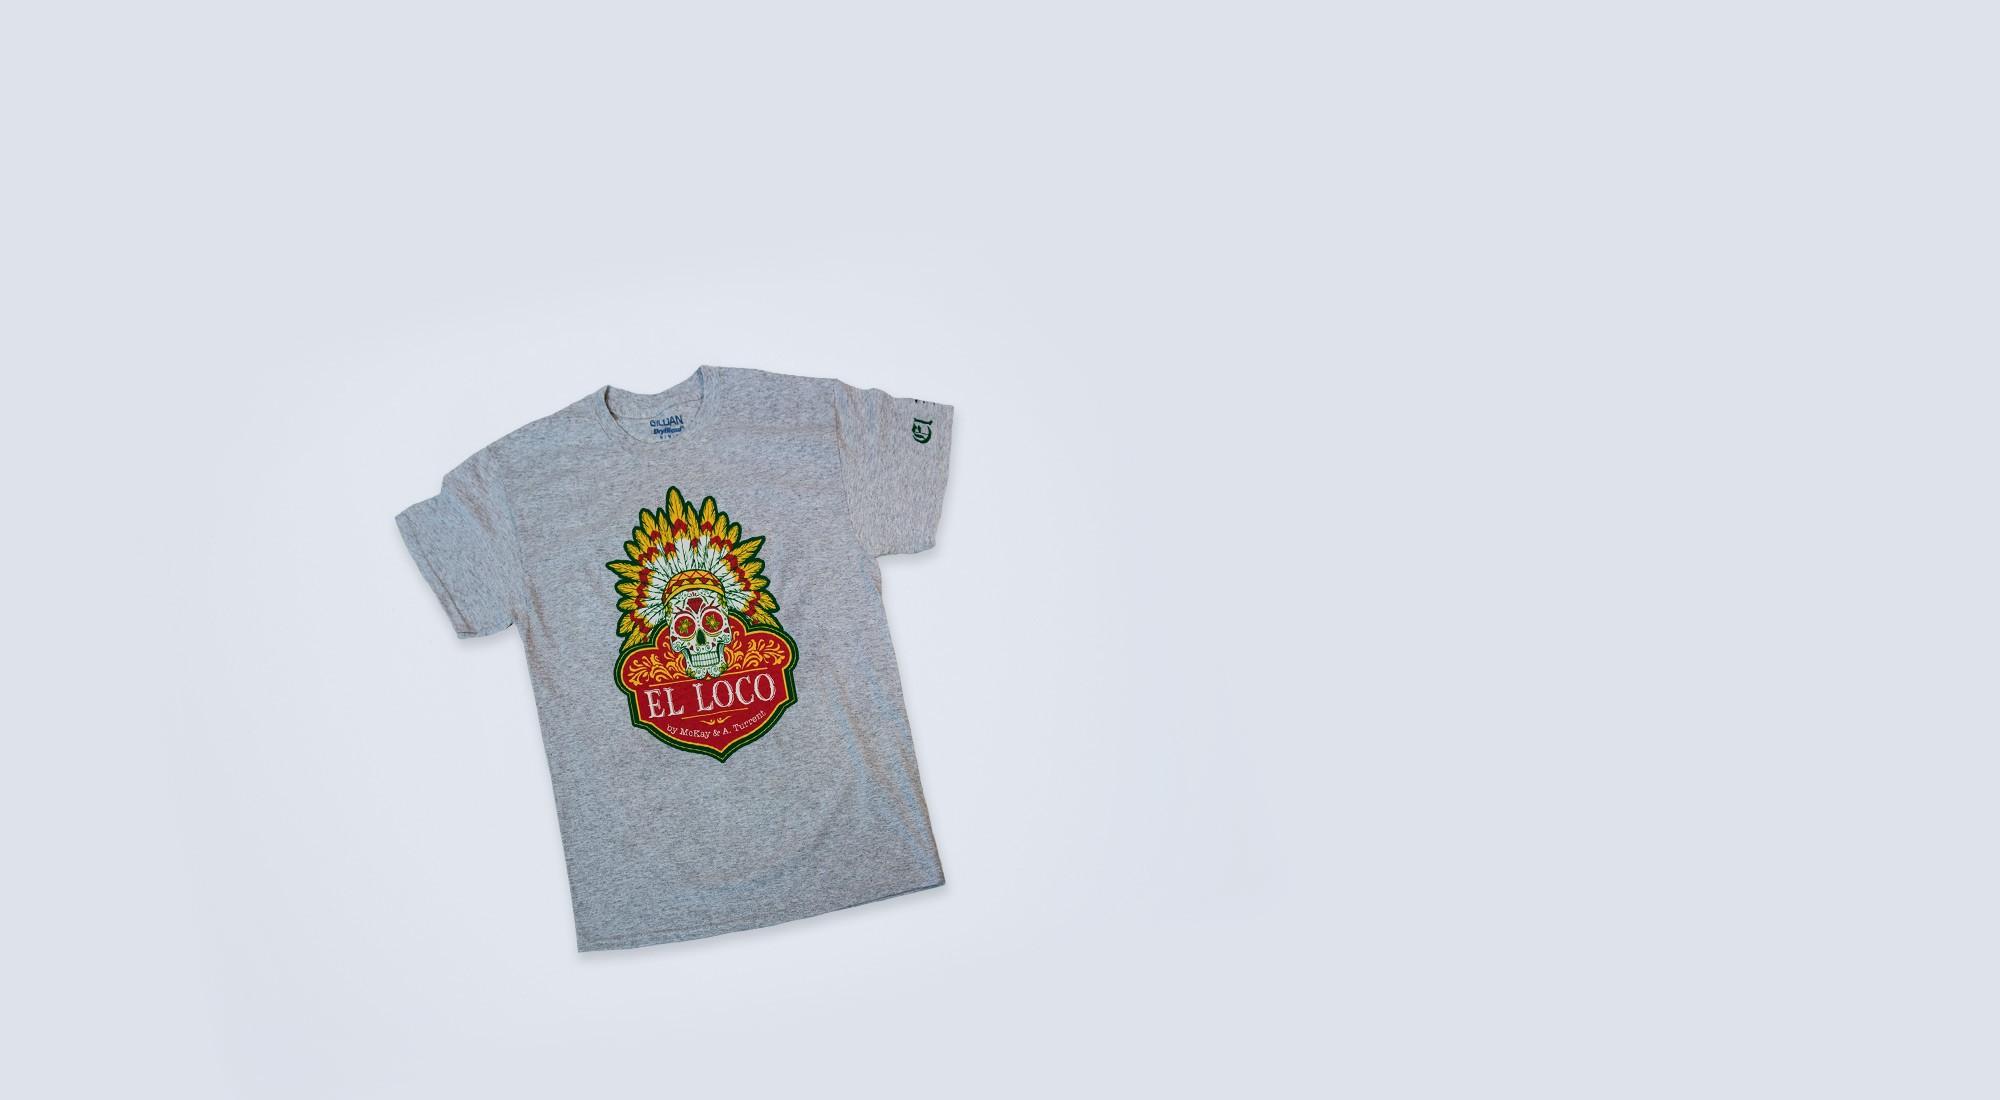 ADV & McKay T-Shirt – El Loco